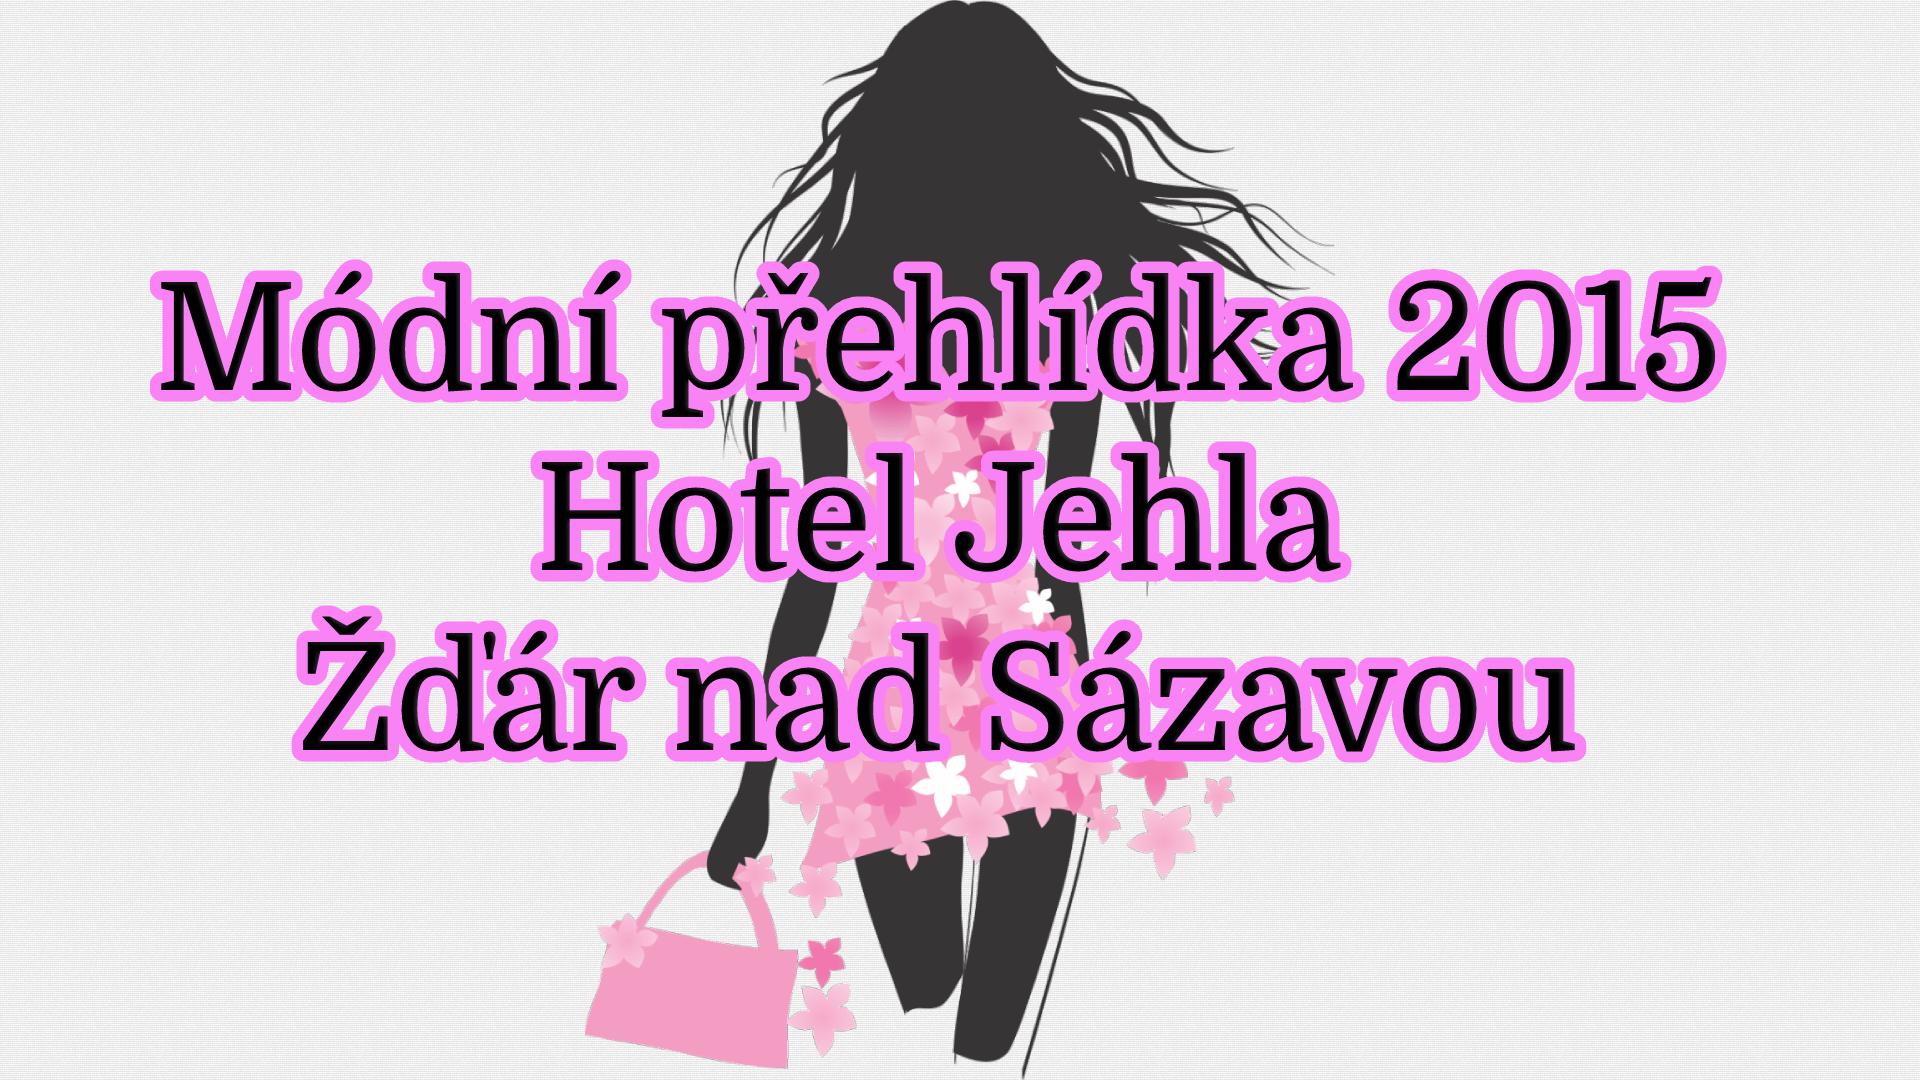 Módní přehlídka 2015 - Hotel Jehla Žďár nad Sázavou